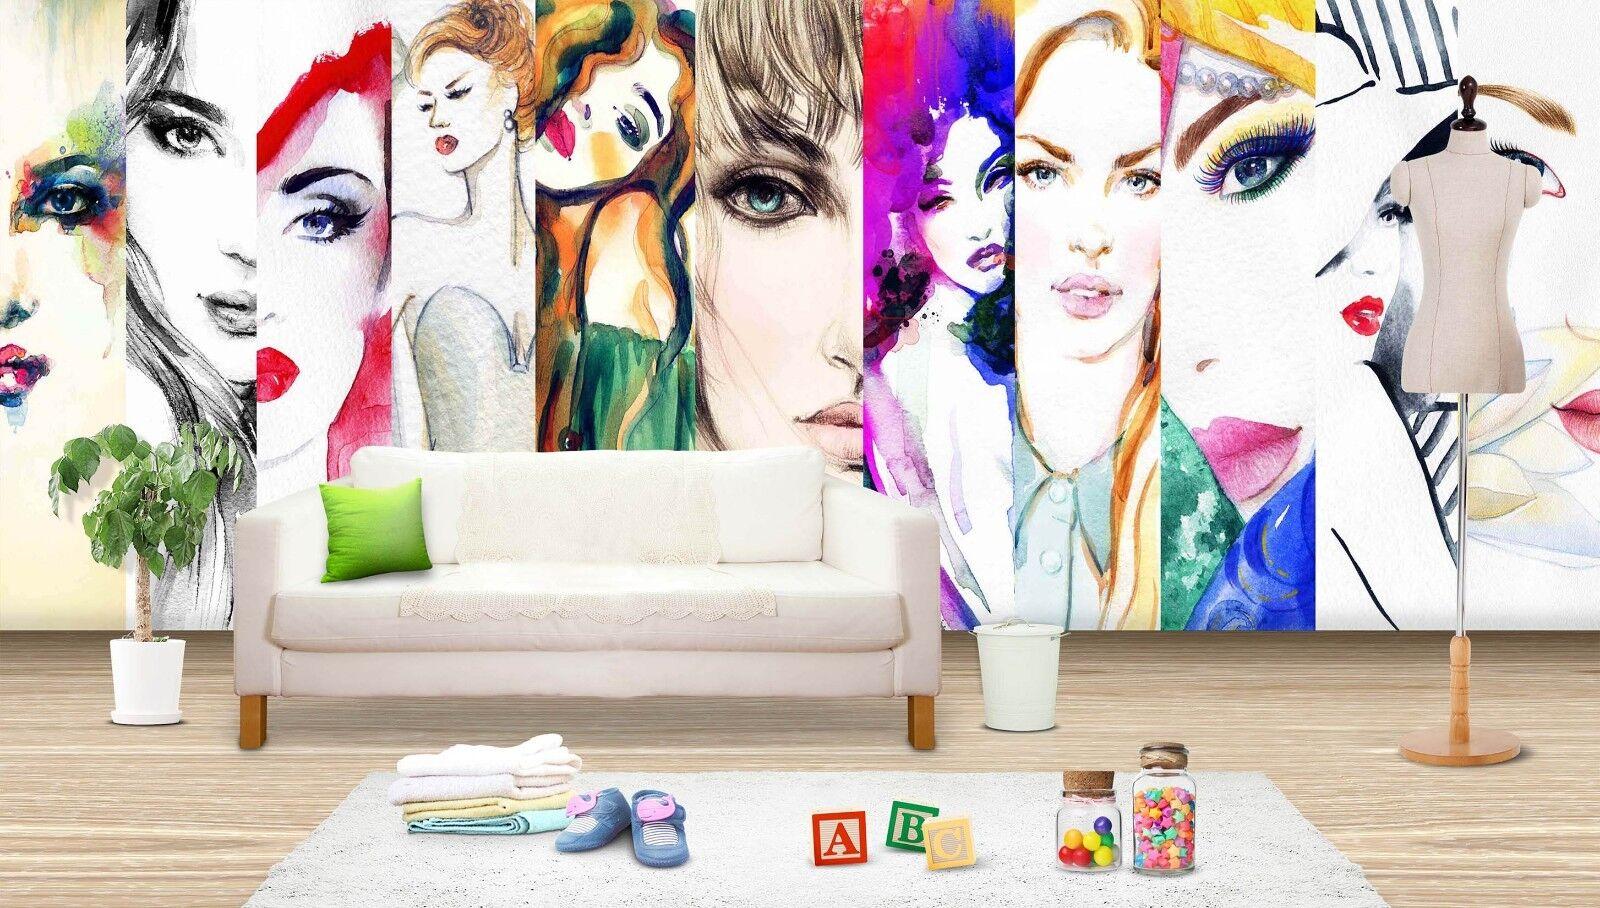 3D Modern Girl 7220 Wallpaper Mural Wall Print Wall Wallpaper Murals US Lemon